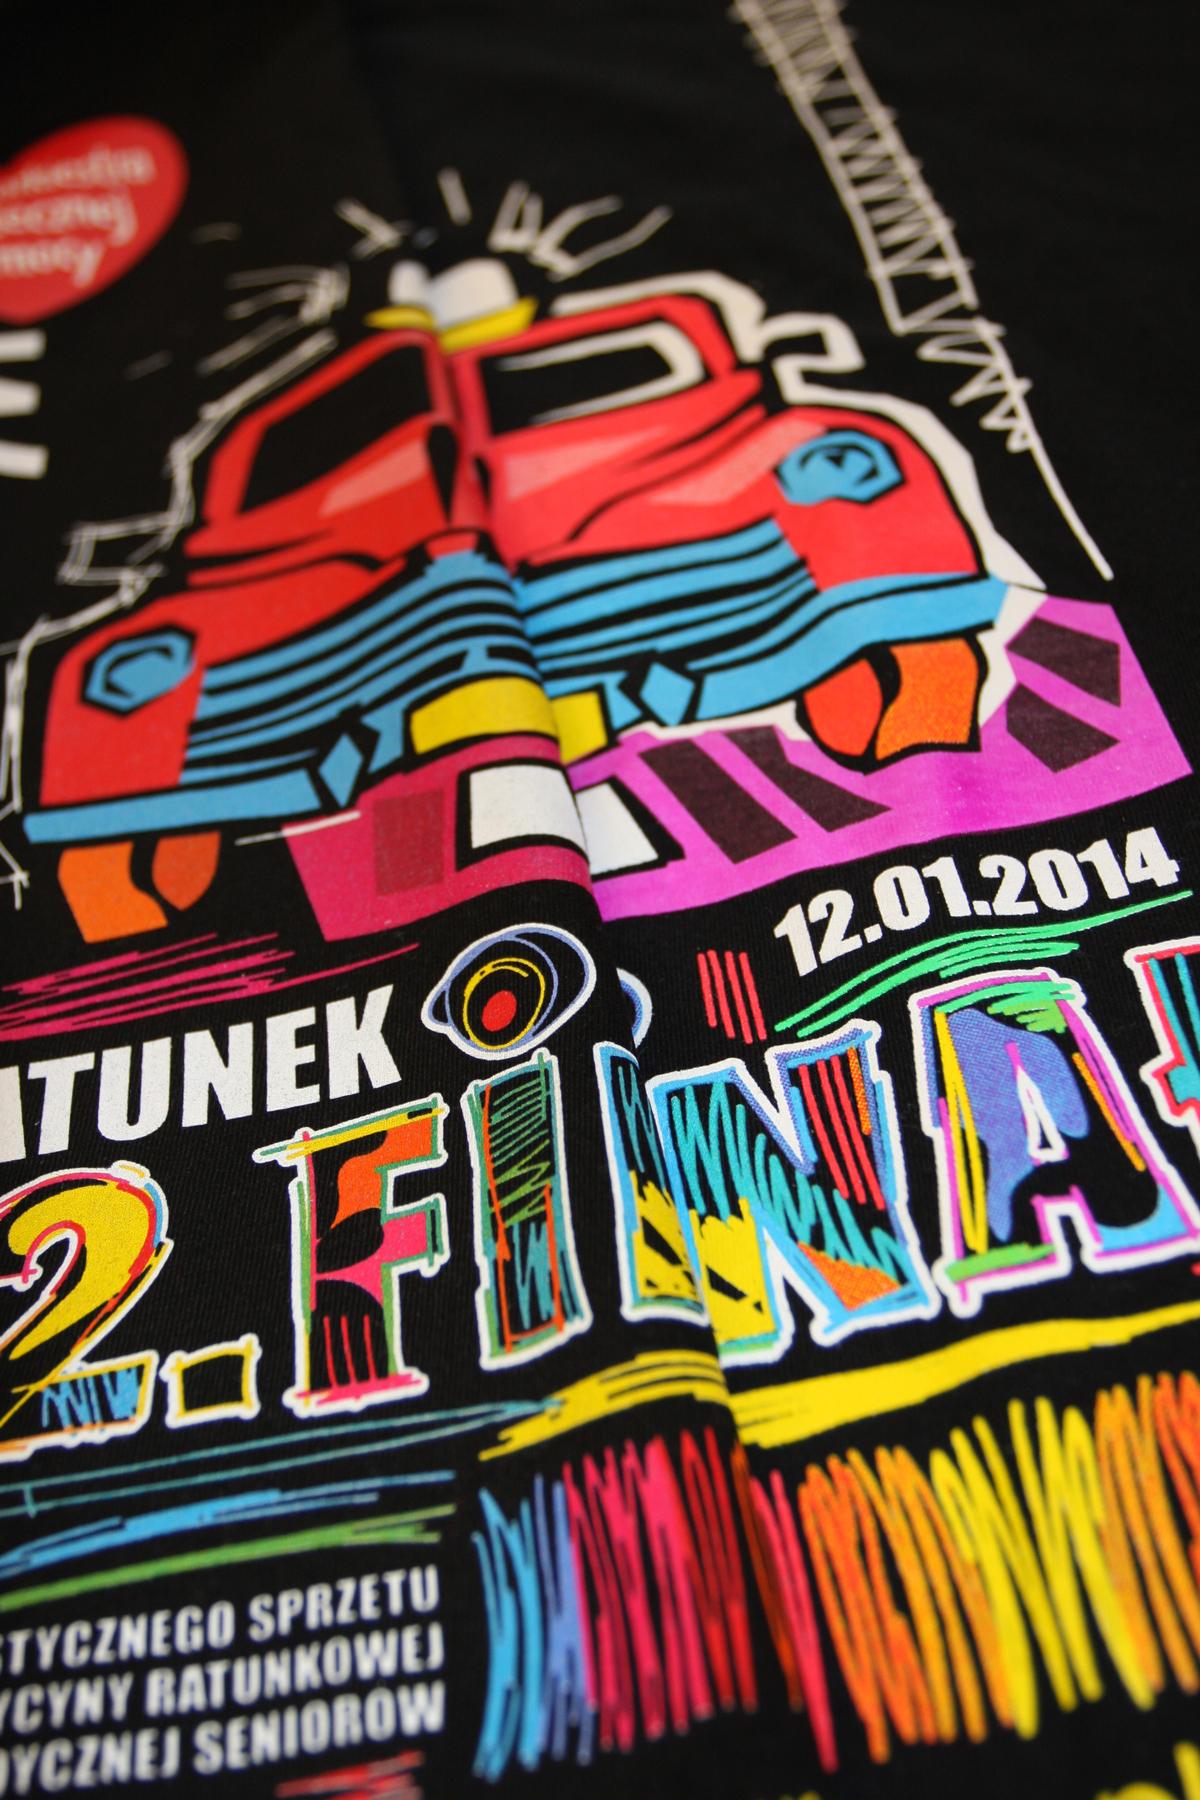 WOŚP 22 Finał - koszulka, sitodruk, projekt i wykonanie Agraf